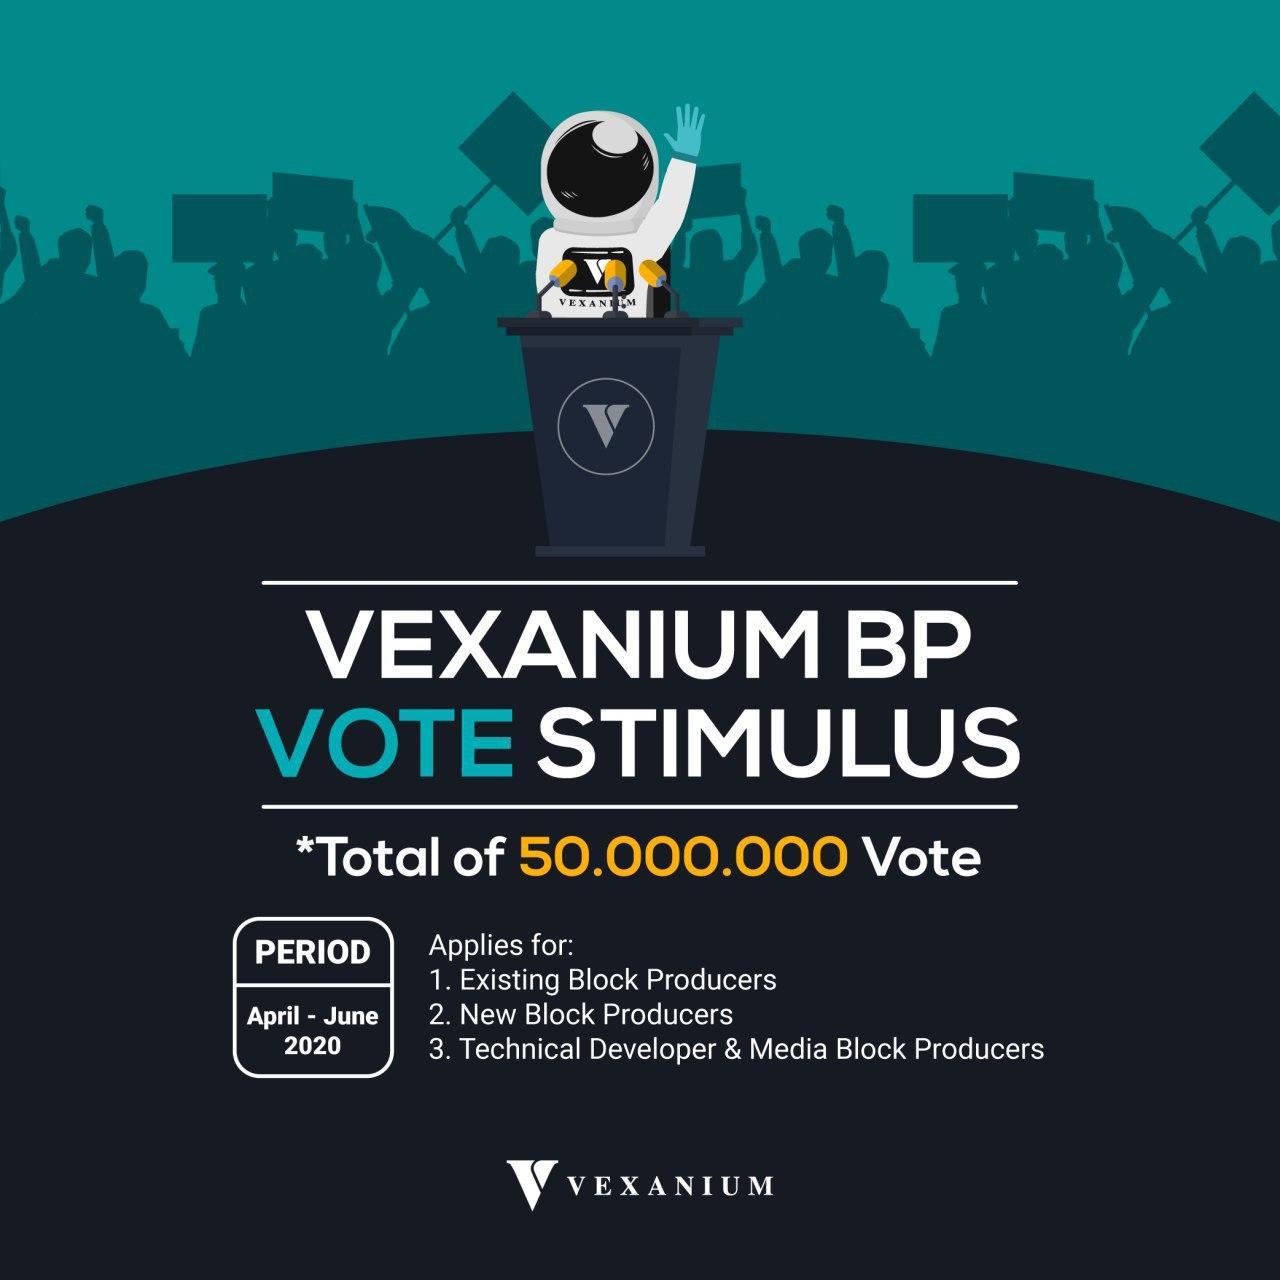 Vexanium BP Vote Stimulus – ID